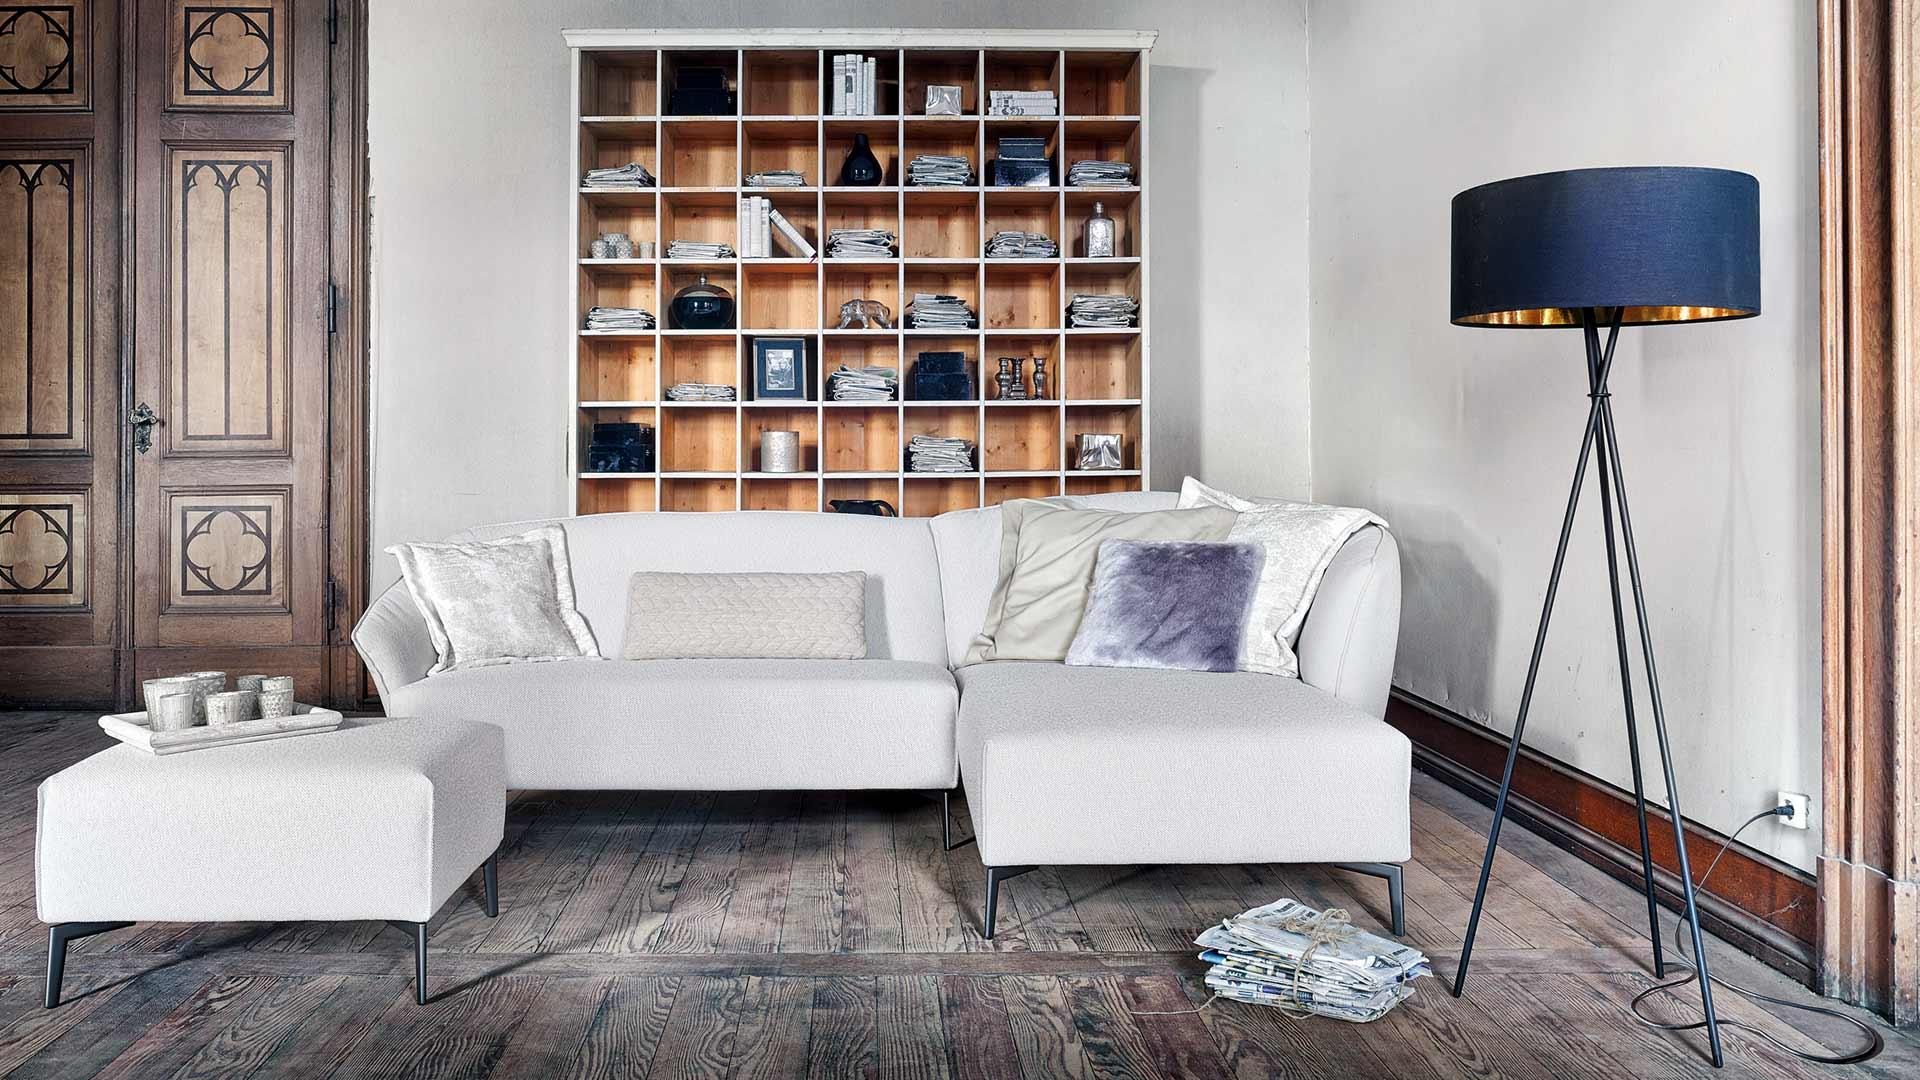 contur 8700 von contur einrichtungen in weidenstetten nahe ulm einrichtungshaus m bel stadel. Black Bedroom Furniture Sets. Home Design Ideas